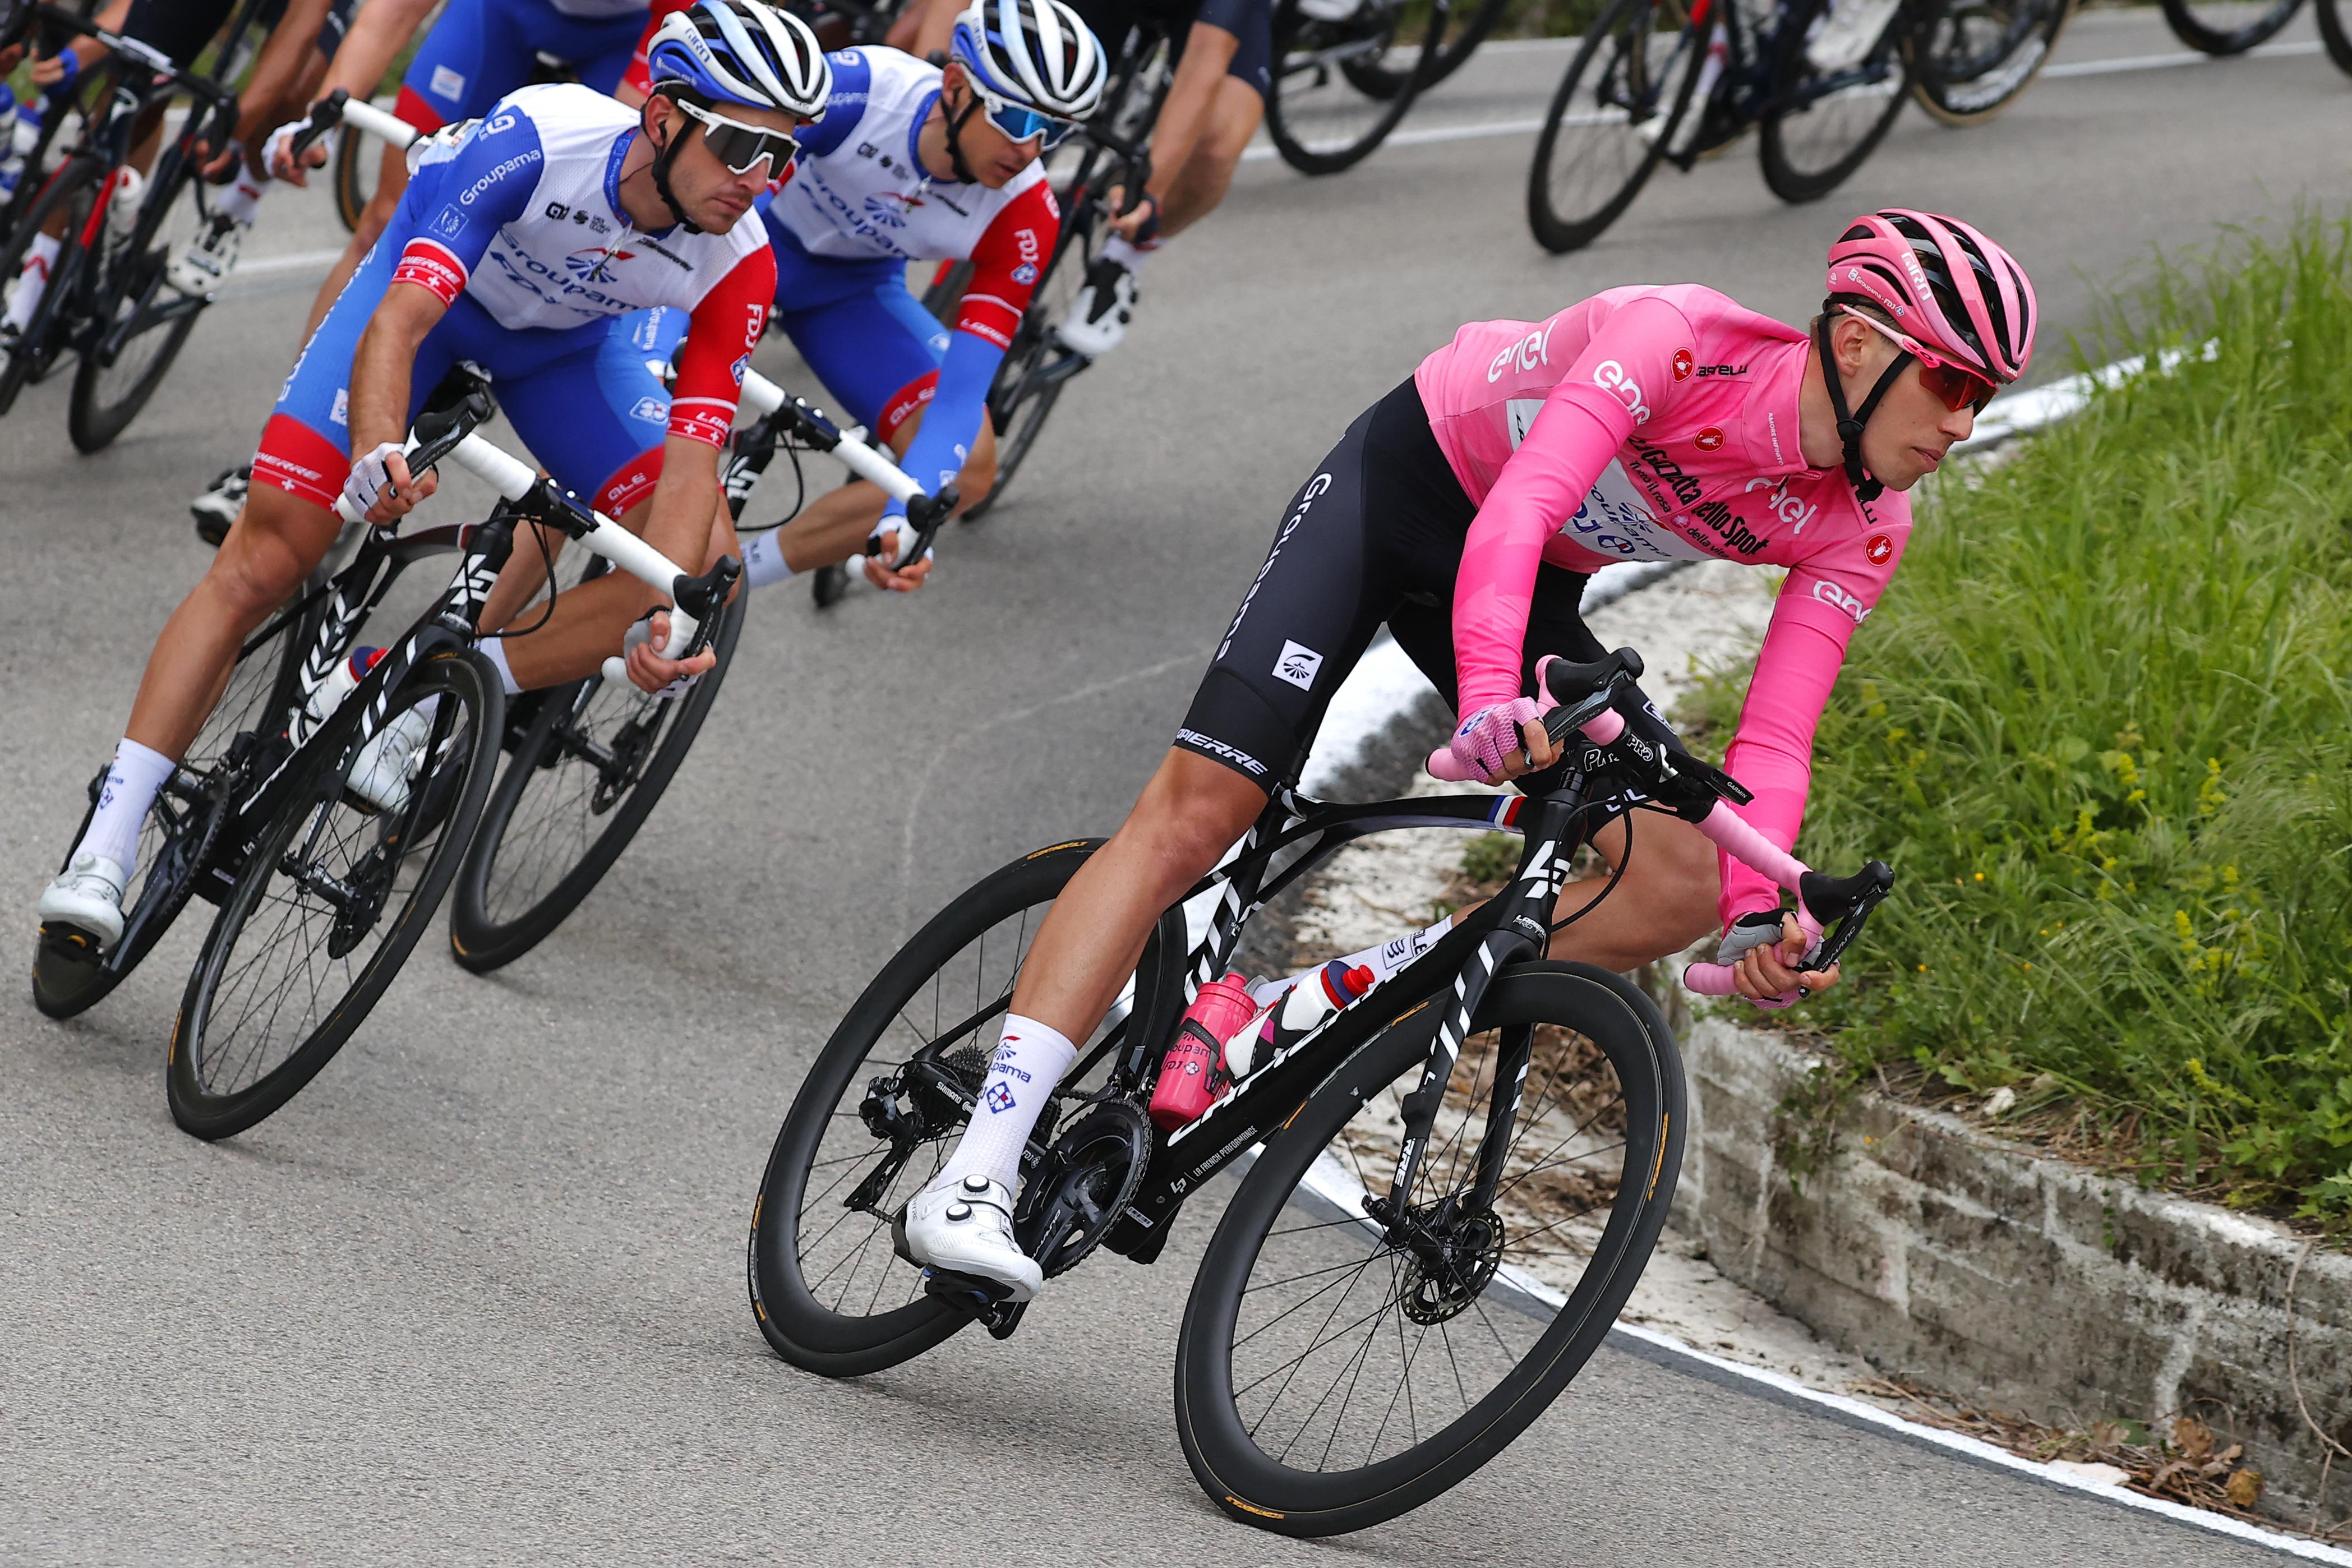 Nagyot küzdött Valter Attila, ma is megtartotta a rózsaszín trikót